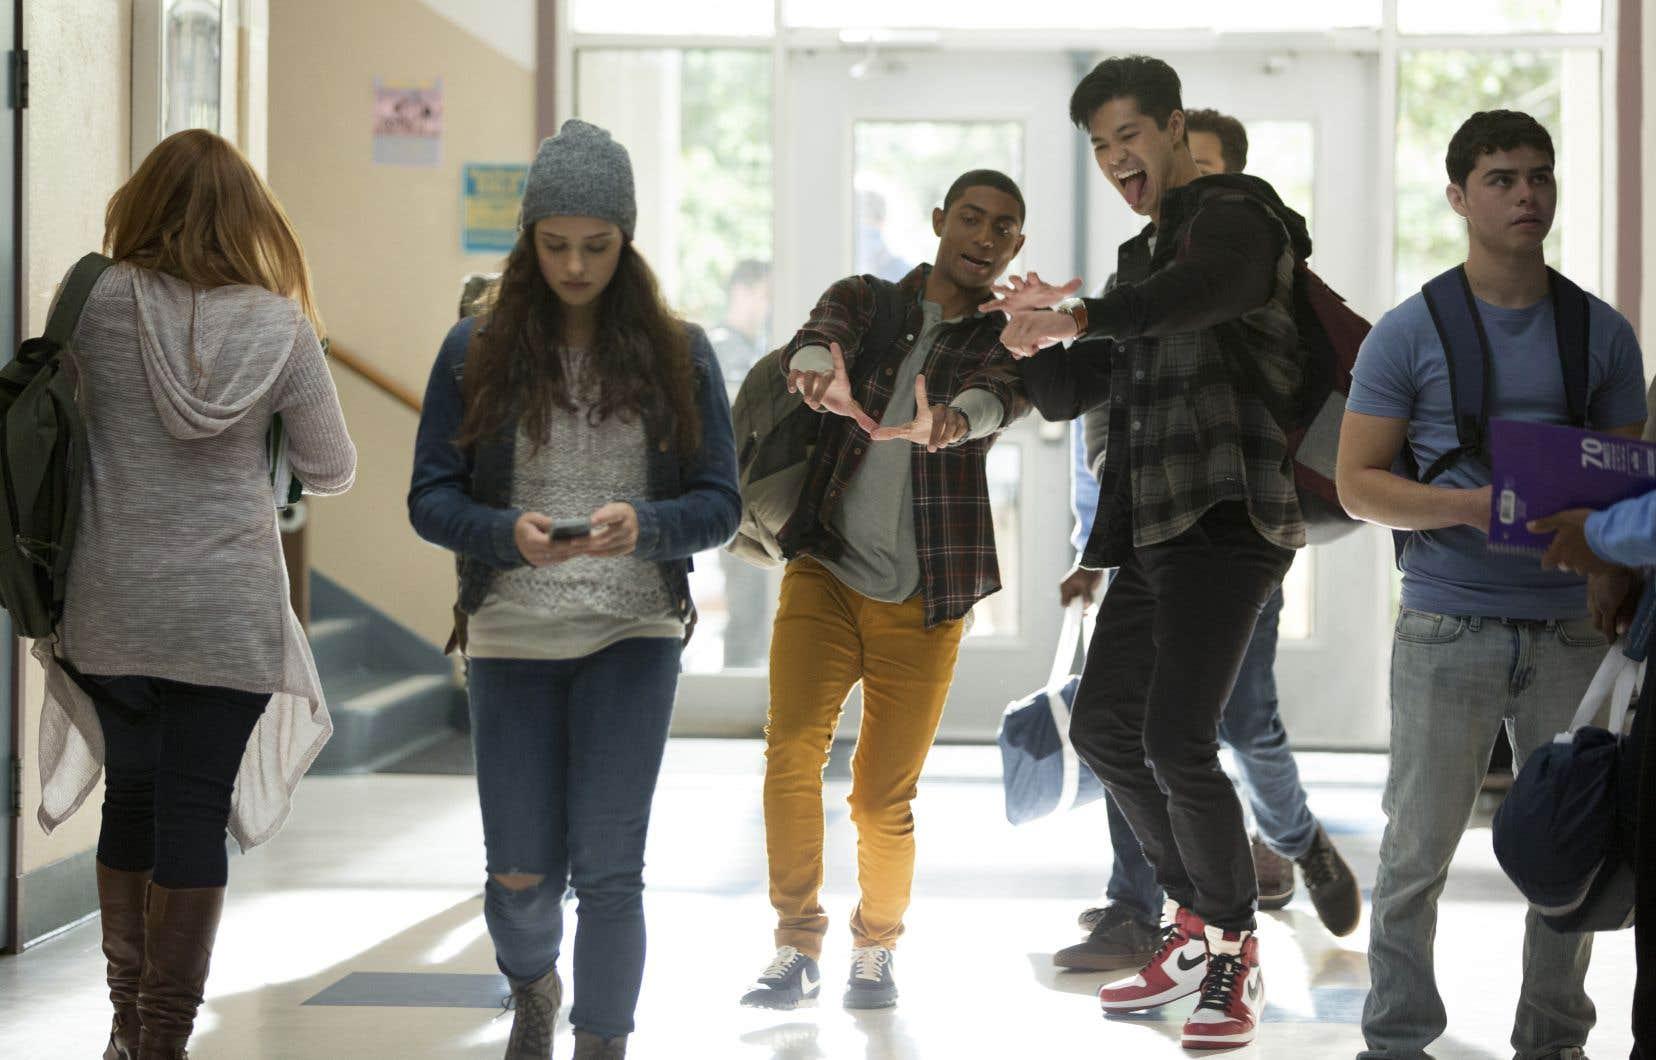 Adaptée du roman de l'écrivain américain Jay Asher, la série «13 Reasons Why» avait été un phénomène auprès du jeune public à son arrivée sur Netflix.